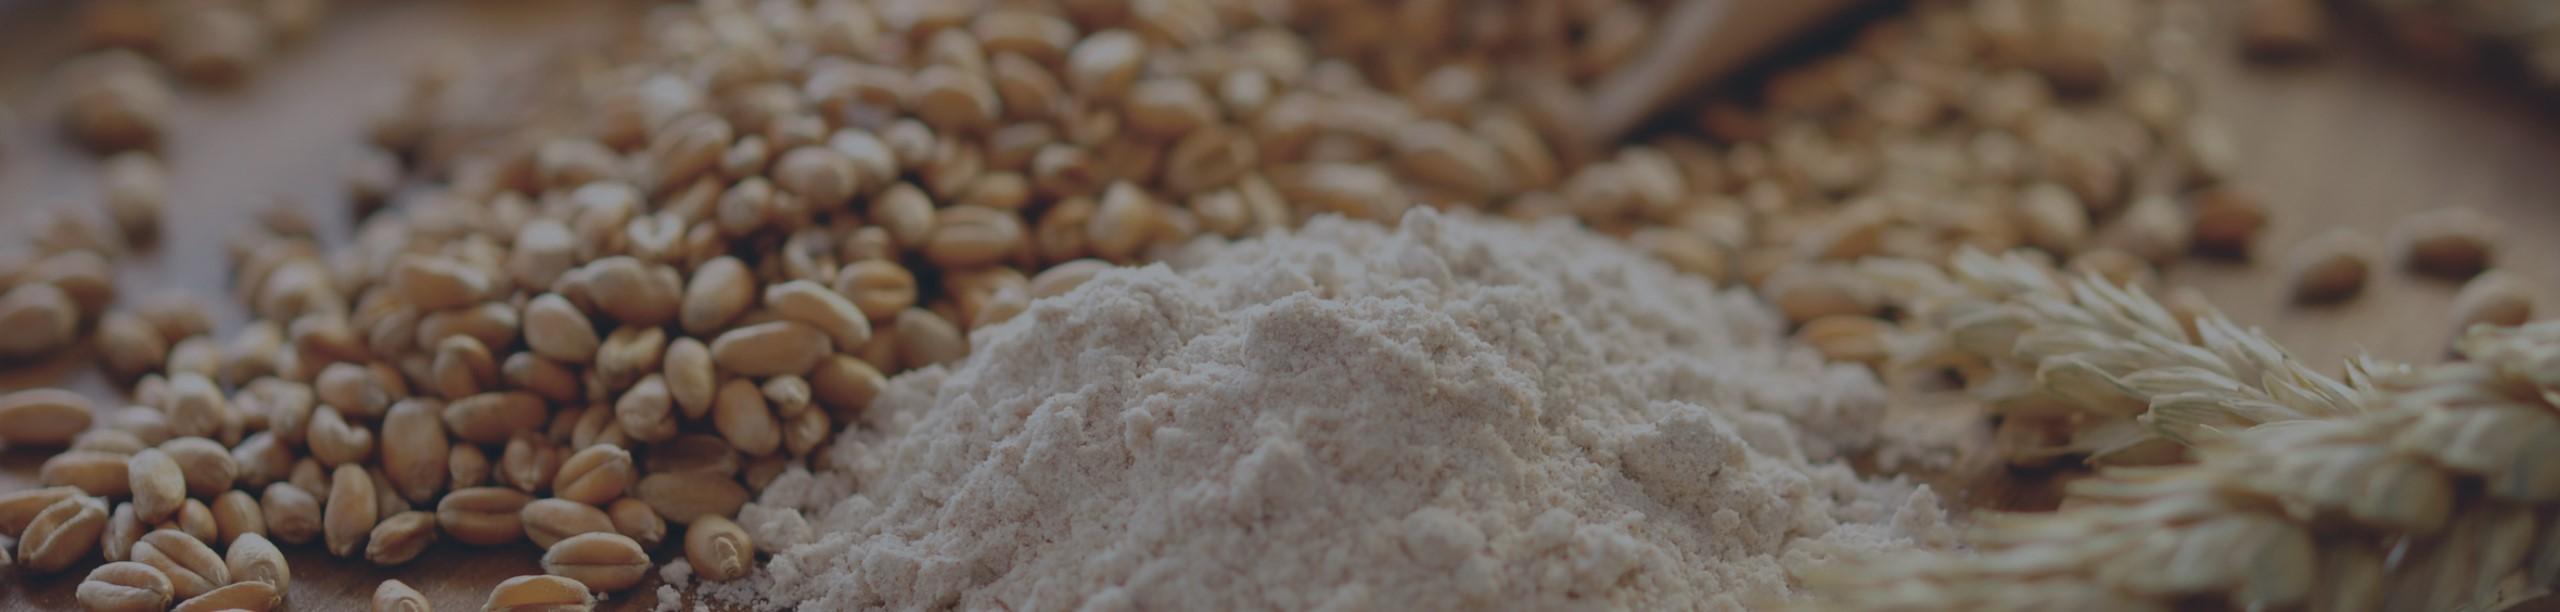 Grains1-7